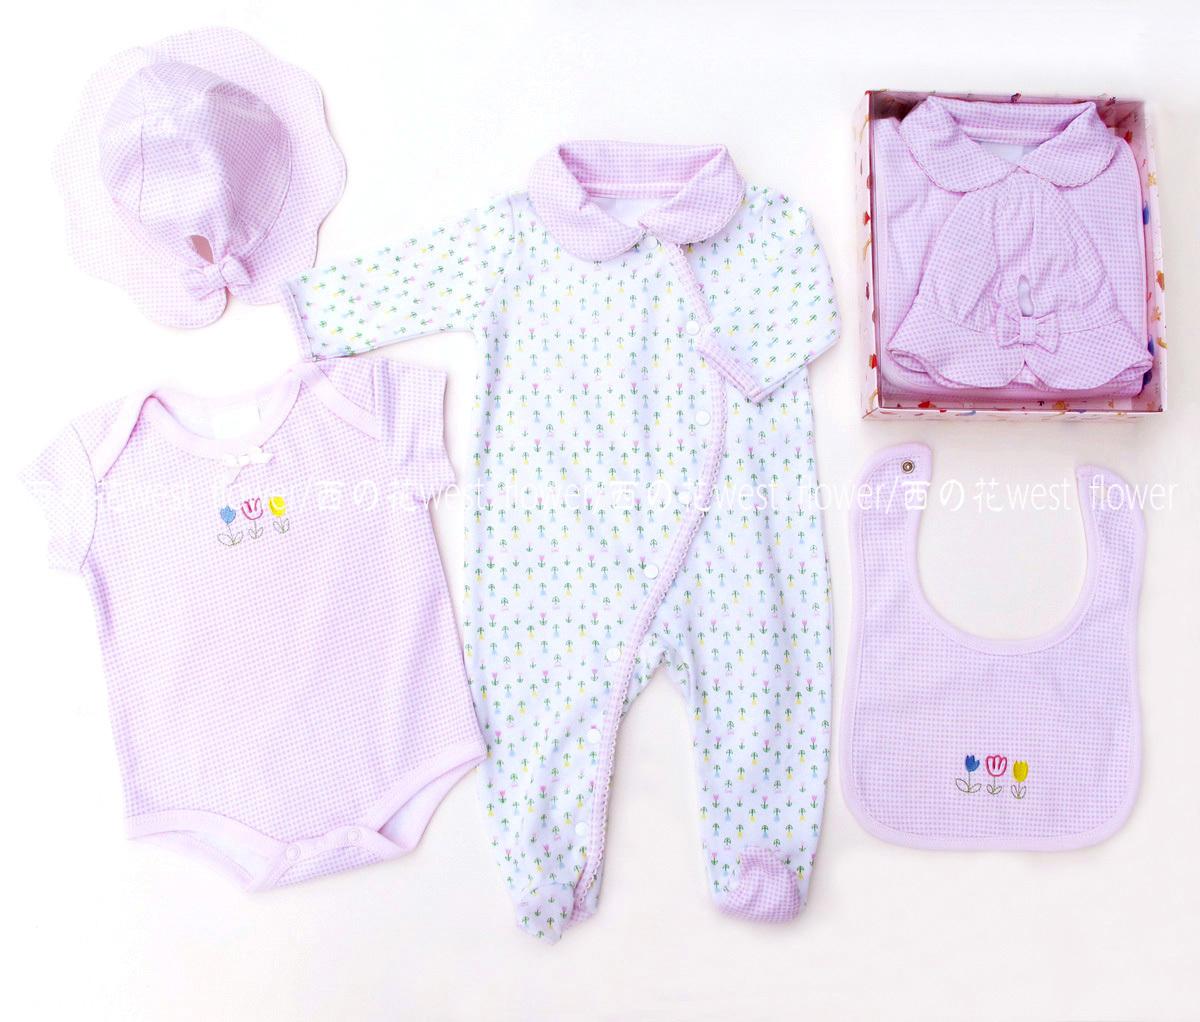 подарочный набор для новорожденных Other maternal brands Other maternal brands